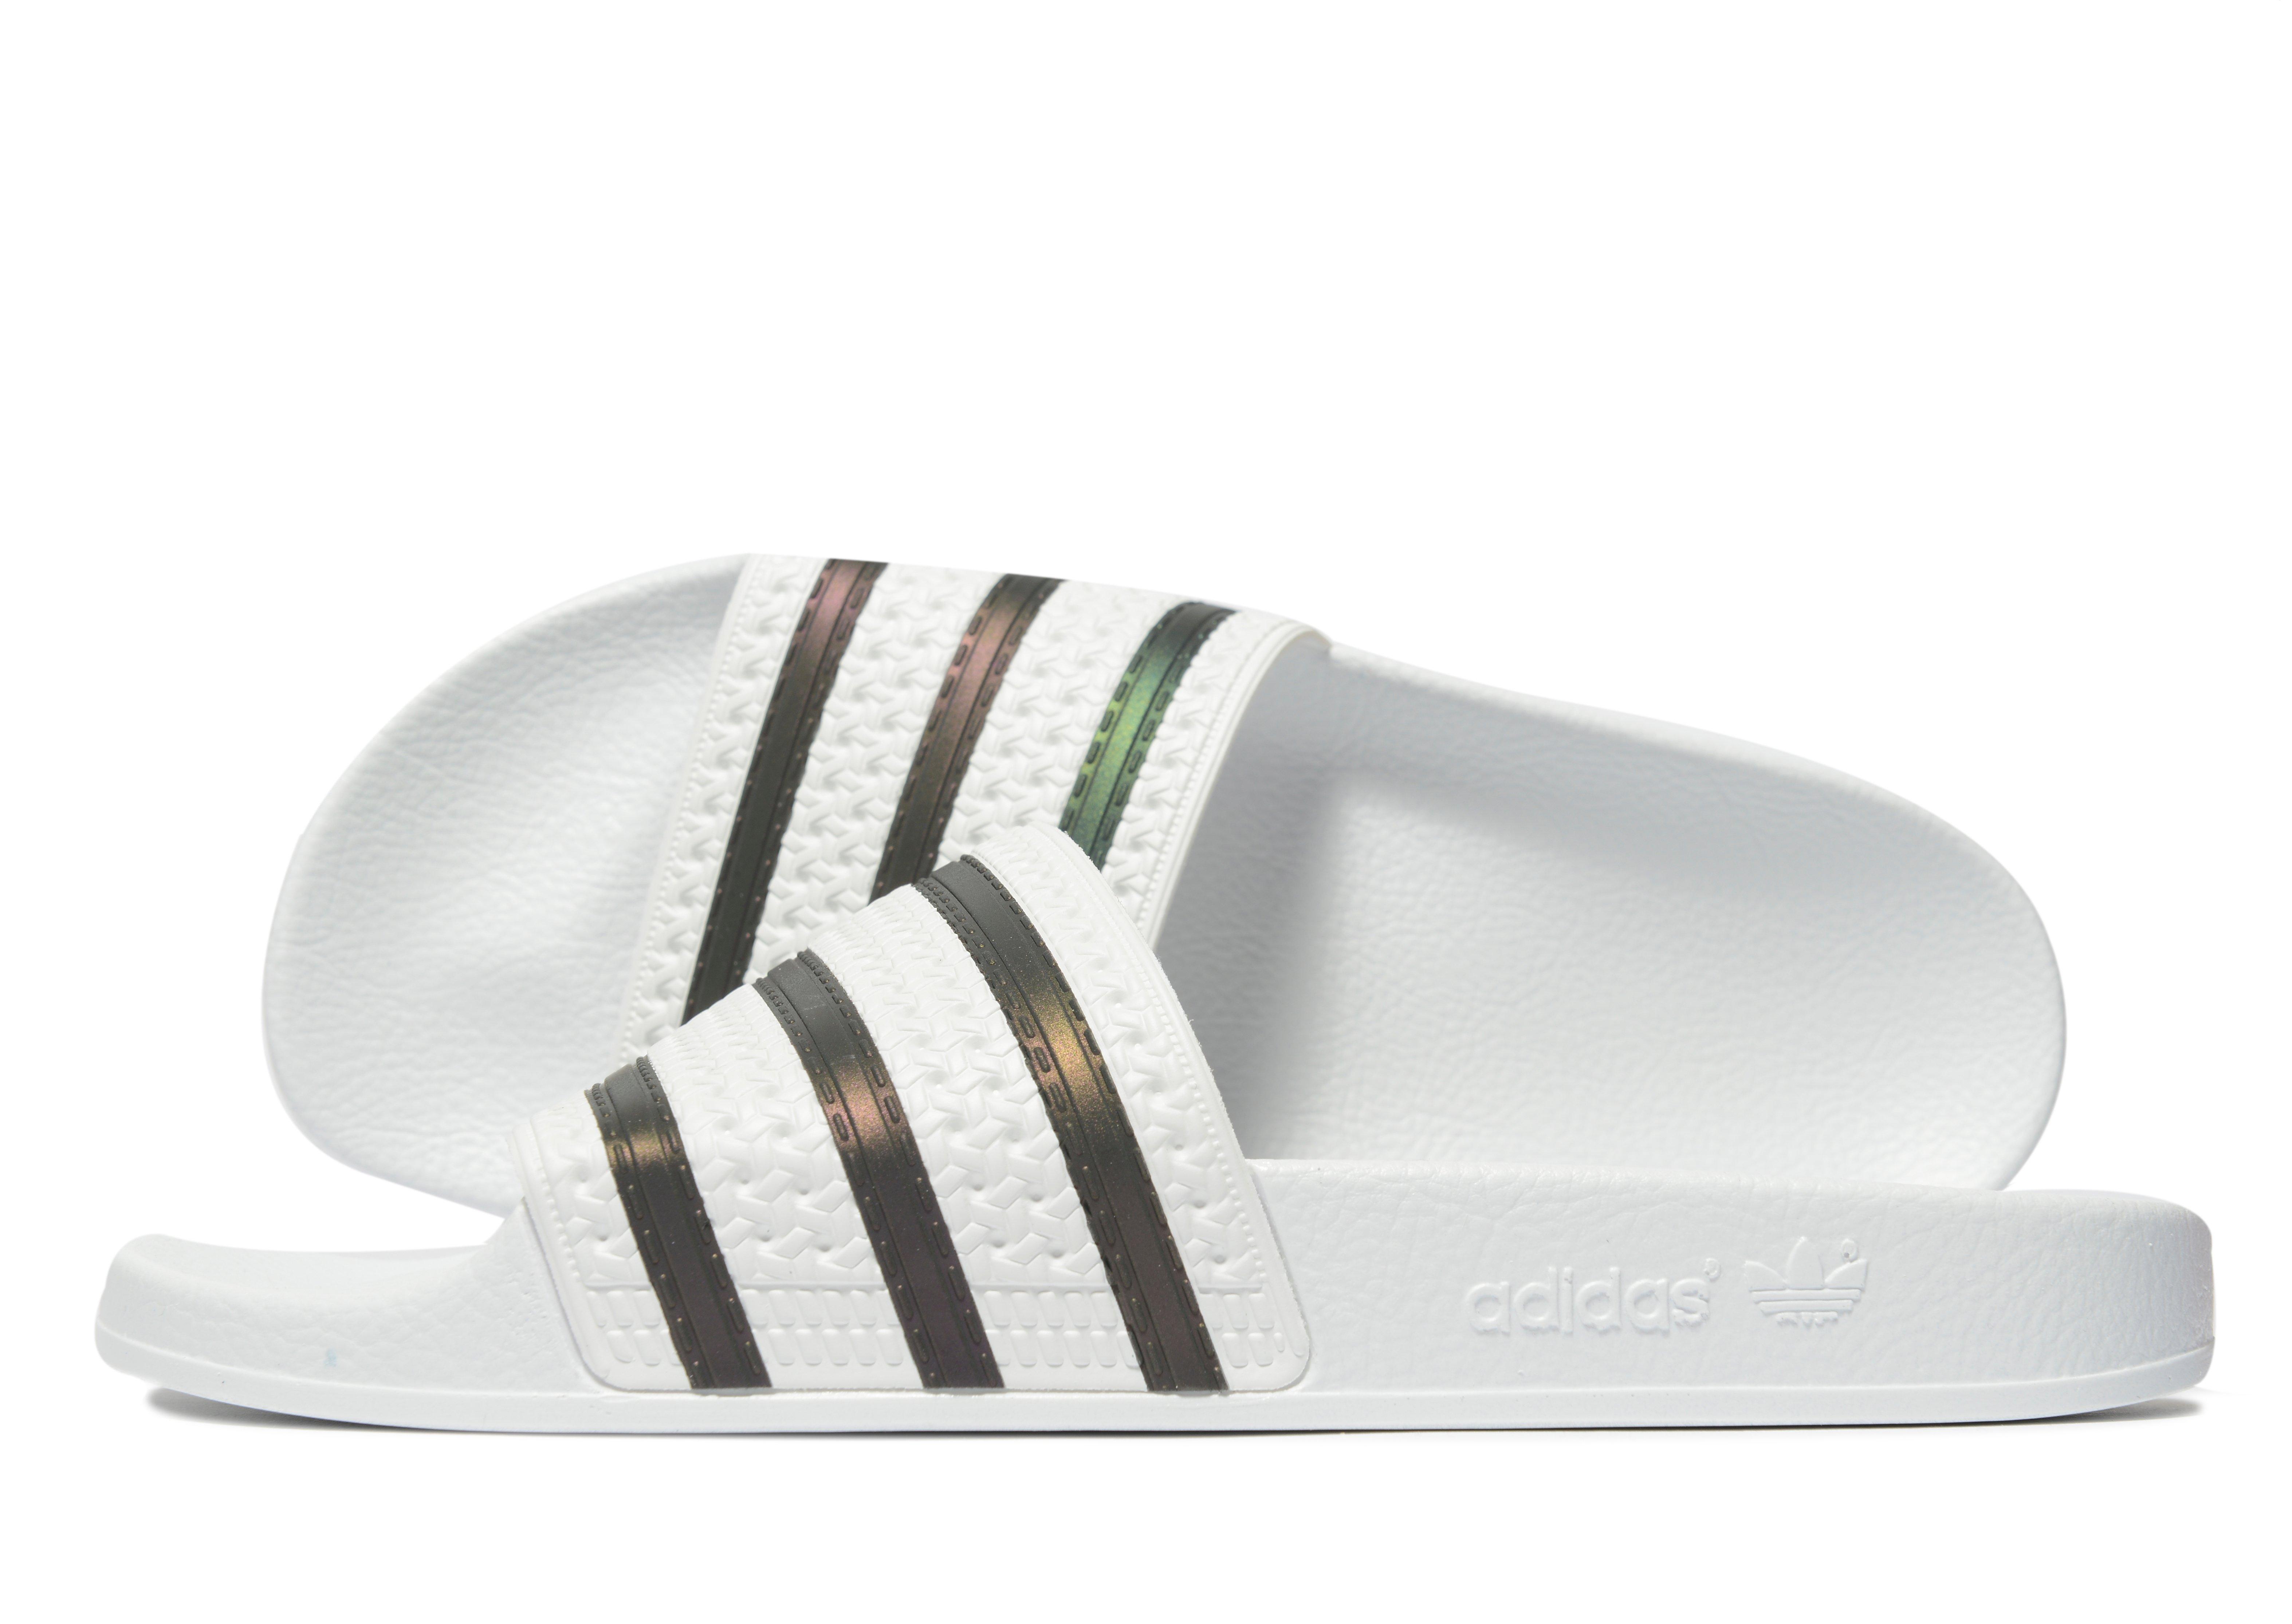 430b6219ca546 Adidas Originals White Adilette Slides for men